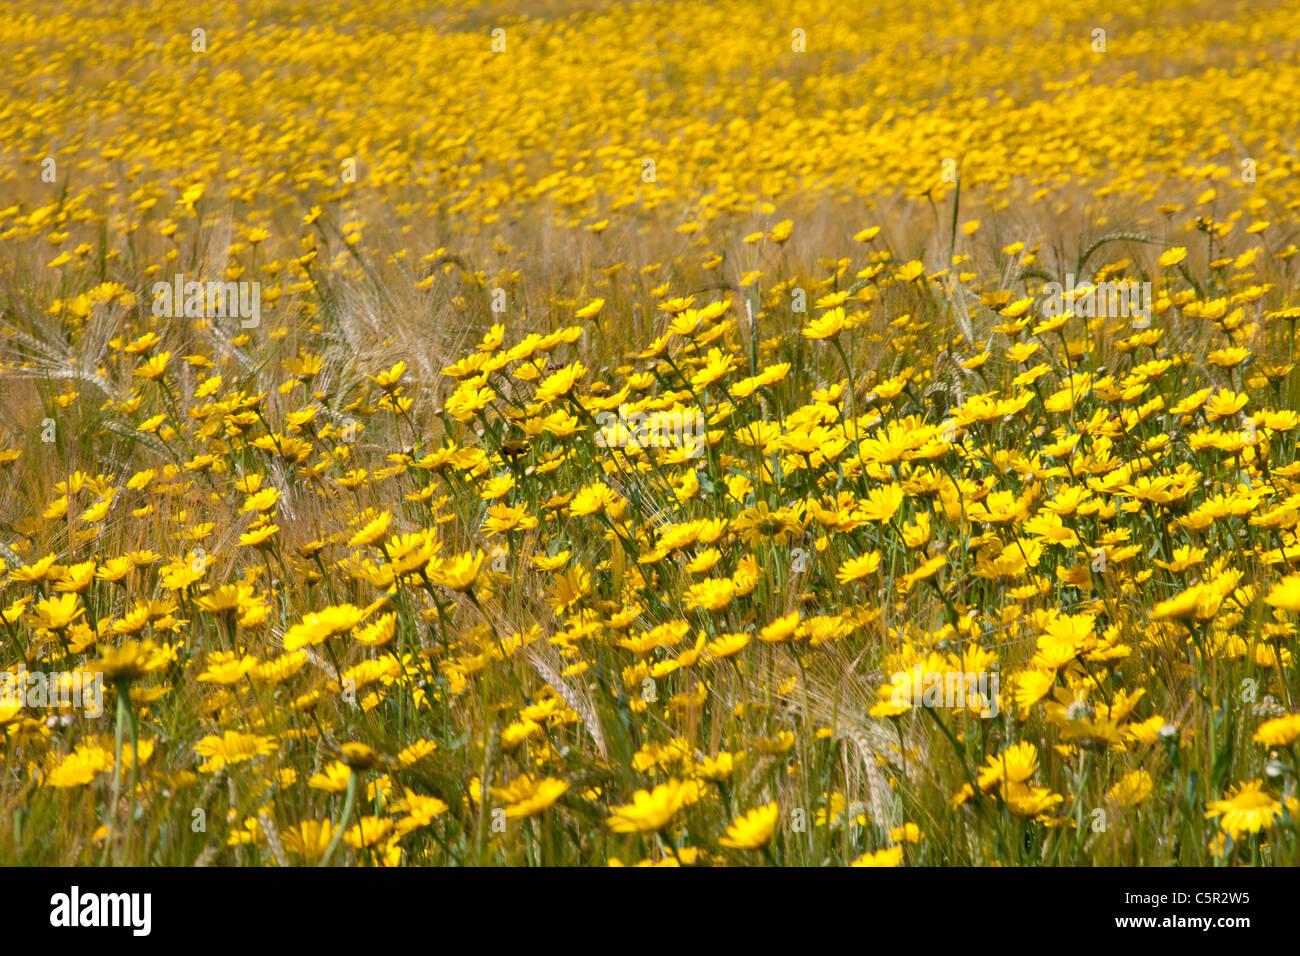 Belgium Flowers In Field In Stock Photos Belgium Flowers In Field